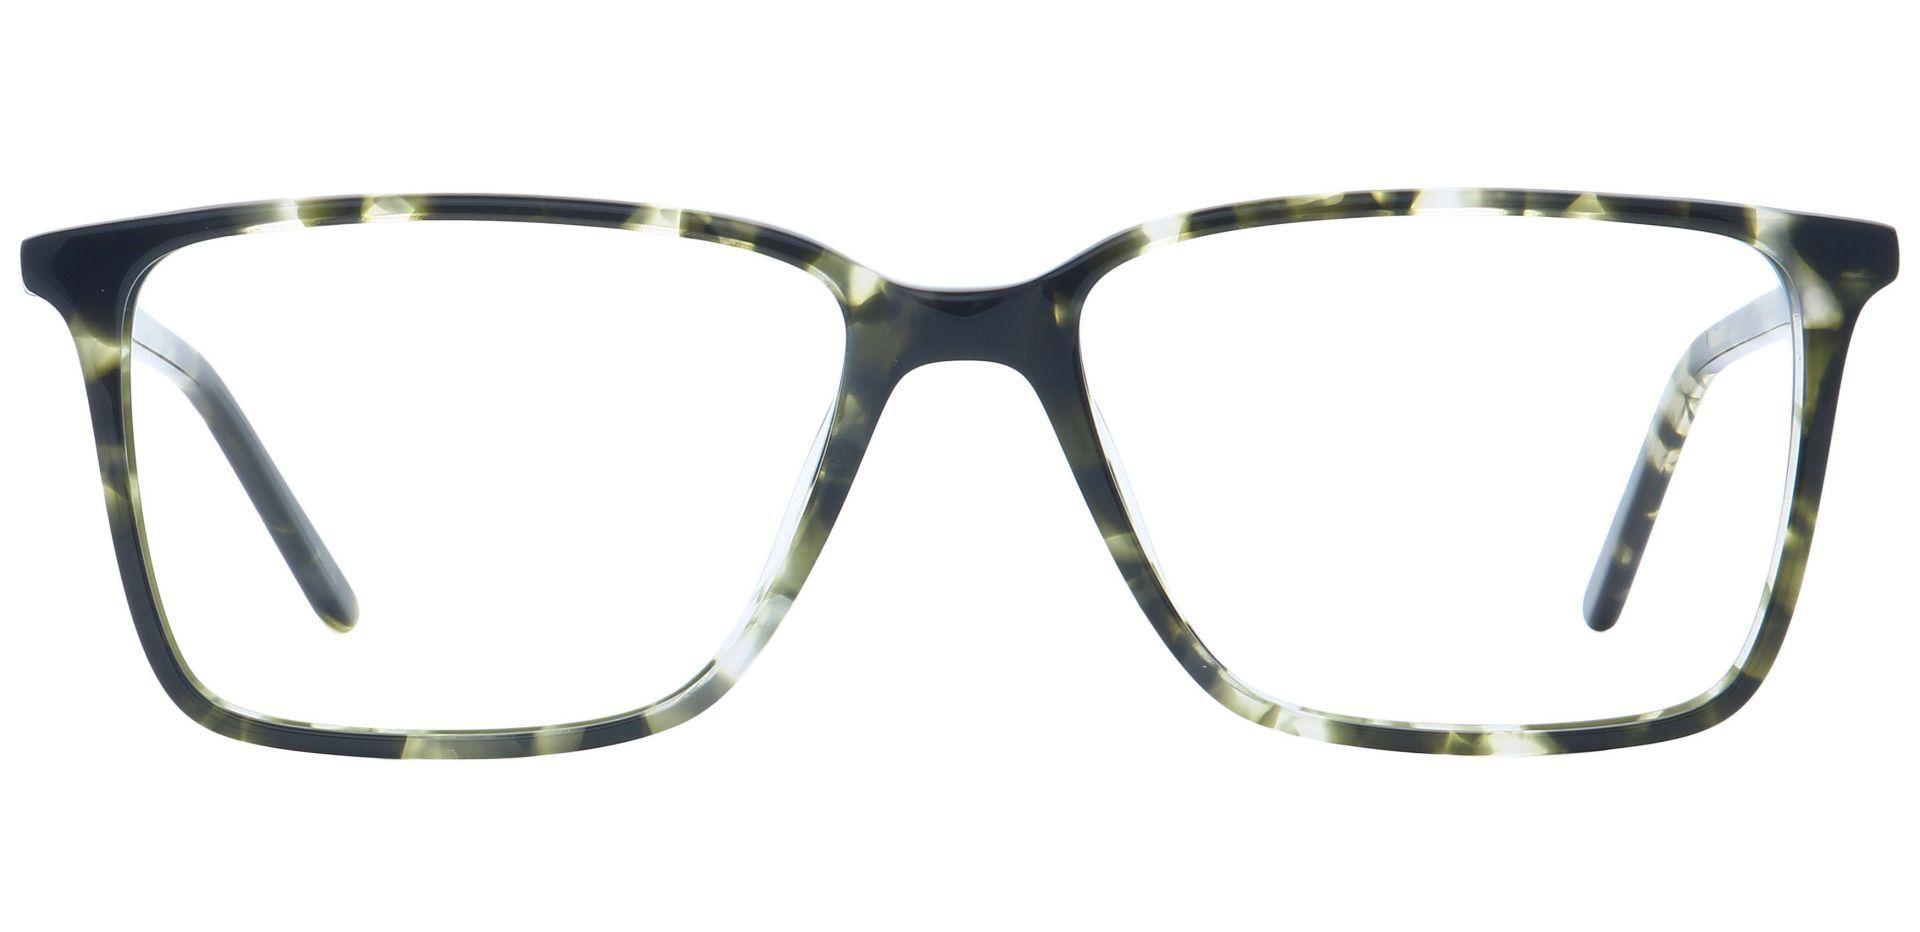 Carter Square Prescription Glasses - Gray